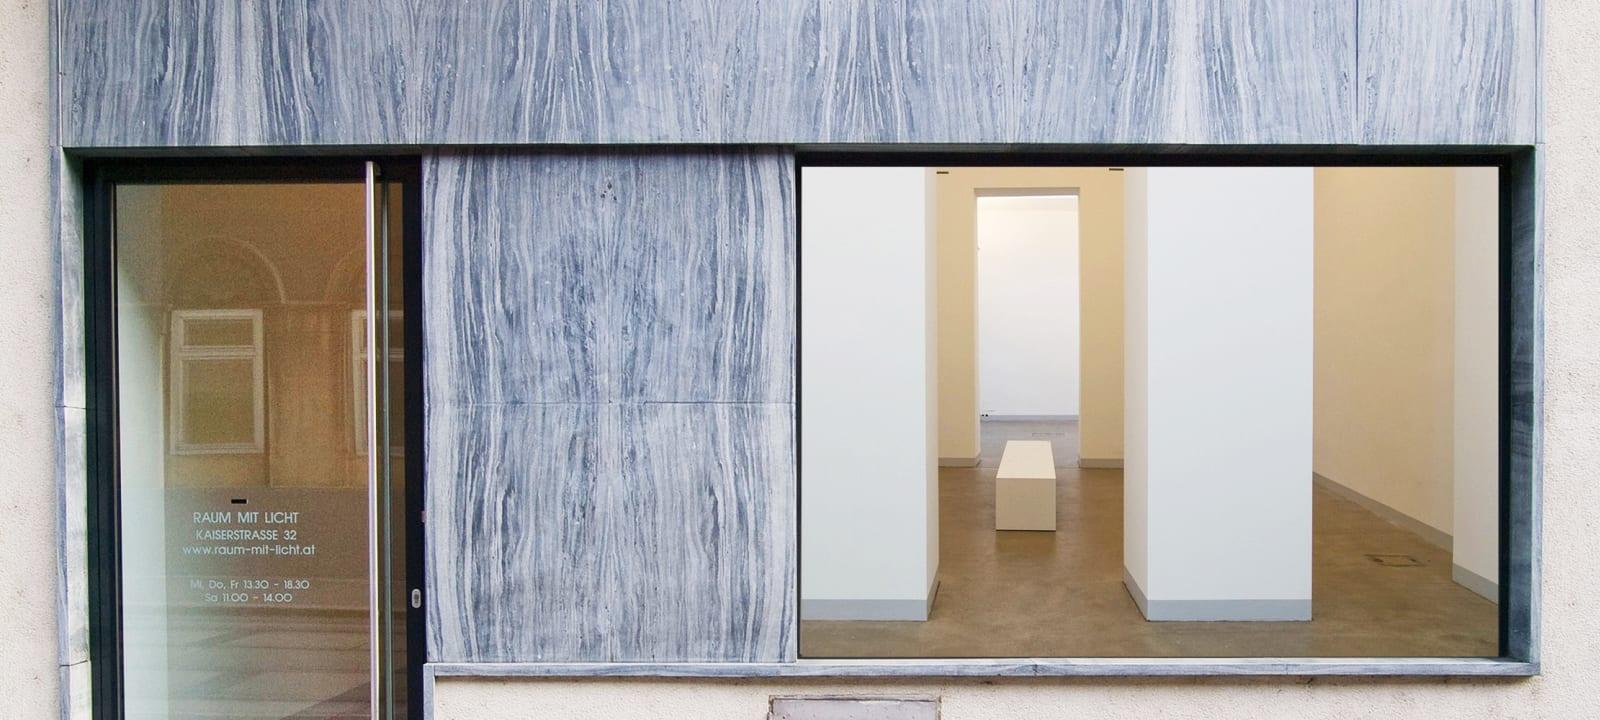 Gallery Raum mit Licht Vienna